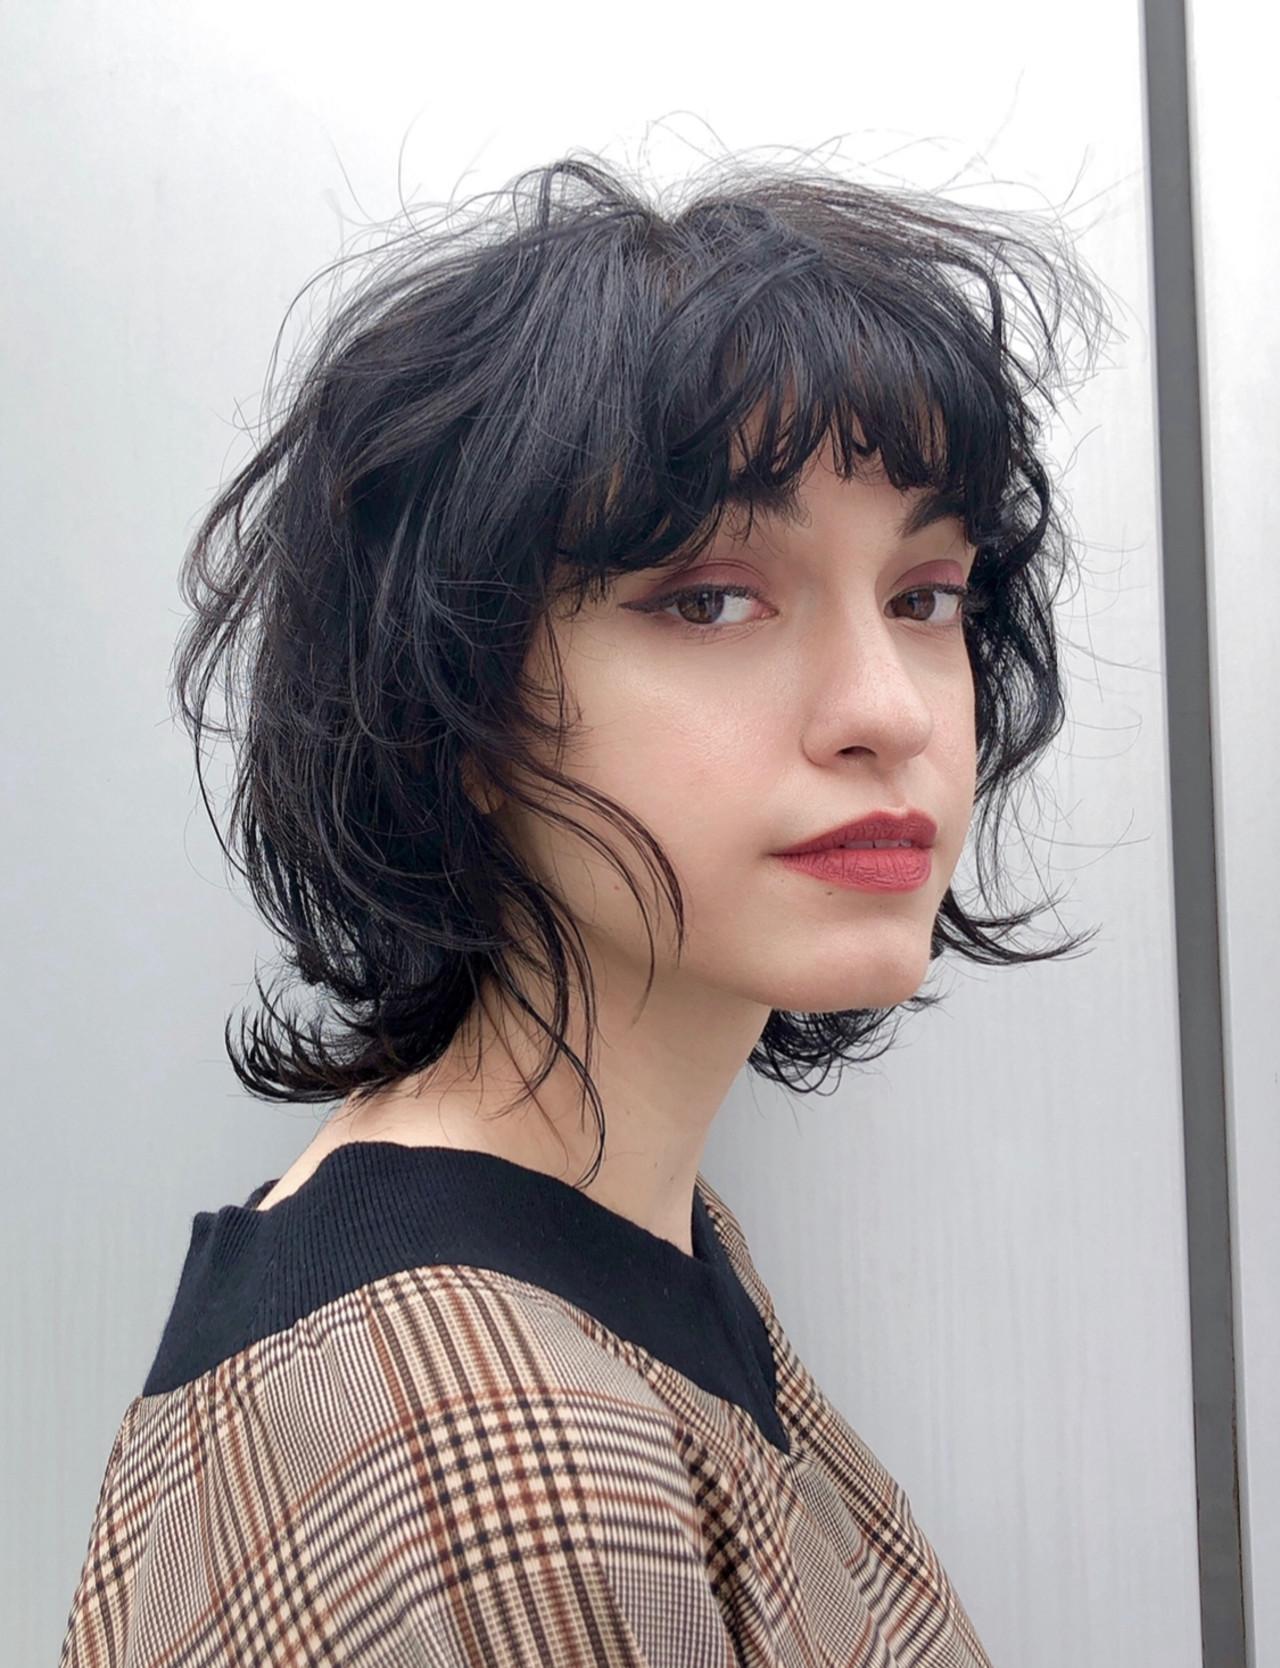 マッシュ 大人かわいい ミディアム ウルフカット ヘアスタイルや髪型の写真・画像